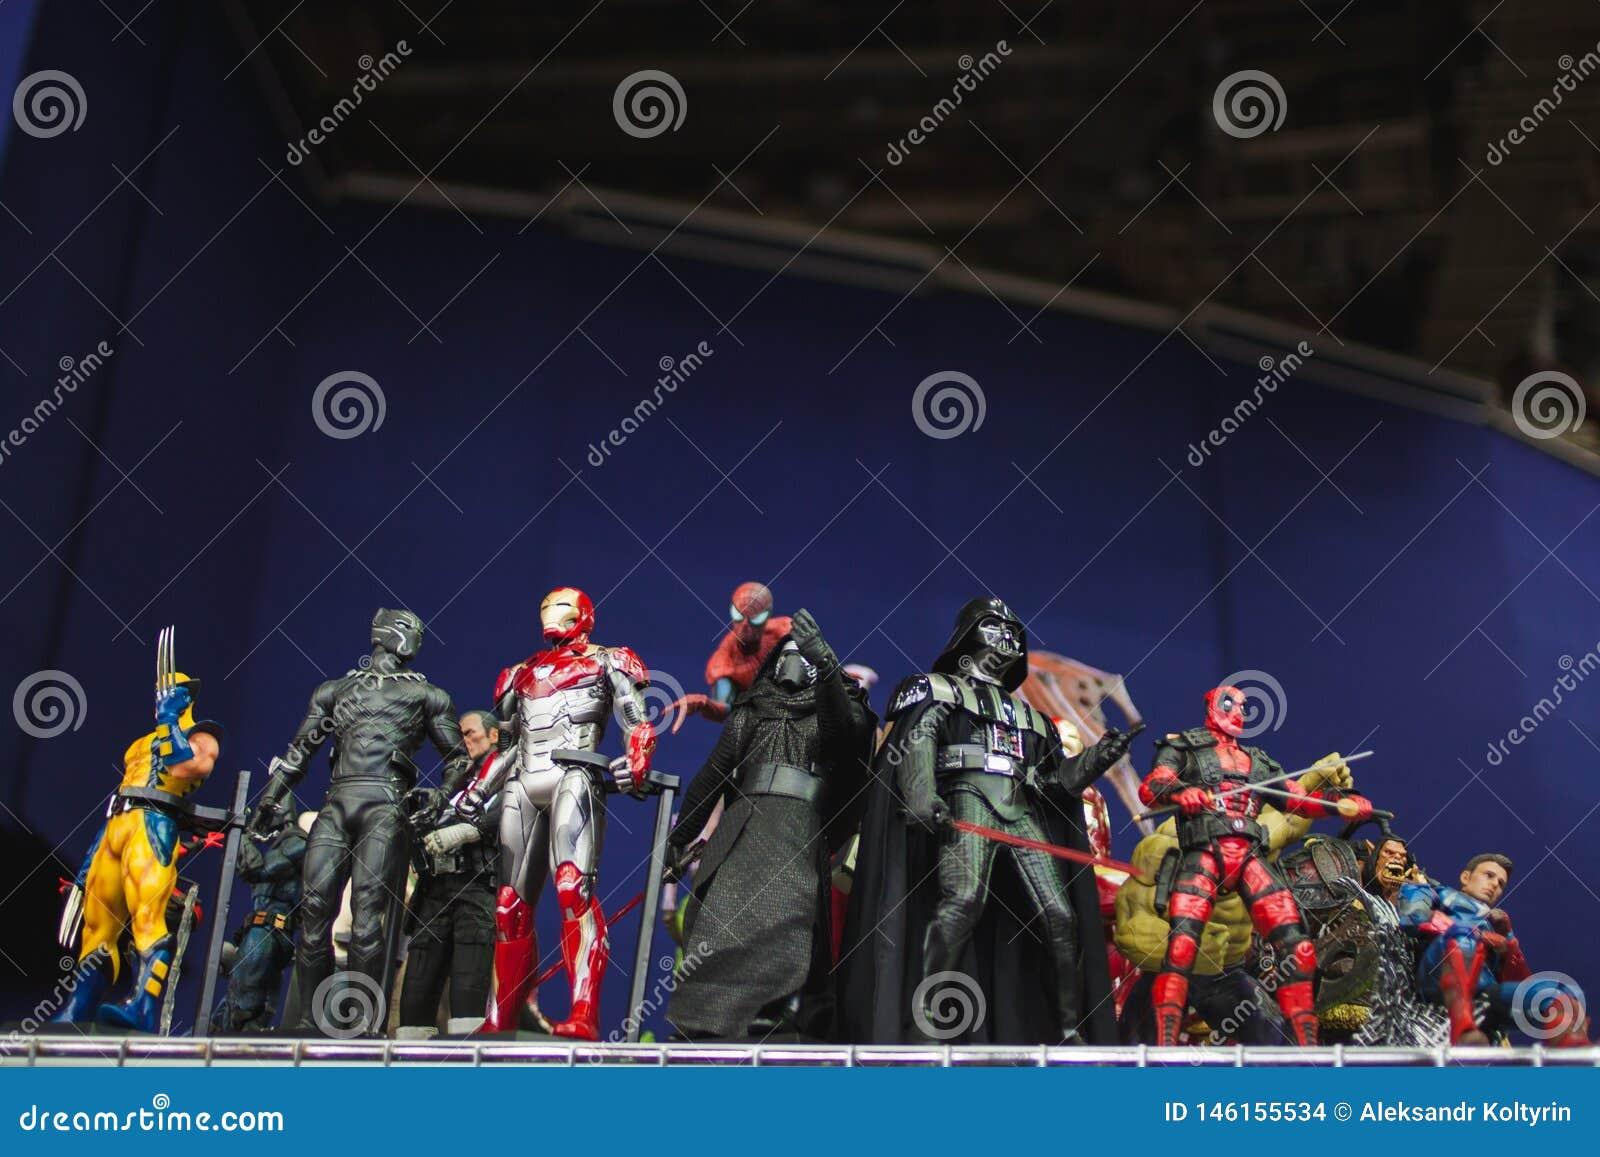 ST PETERSBURG, RUSSLAND - 27. APRIL 2019: Action-Figuren Star Wars-Charaktere und -Superhelden vom Wunderfilm